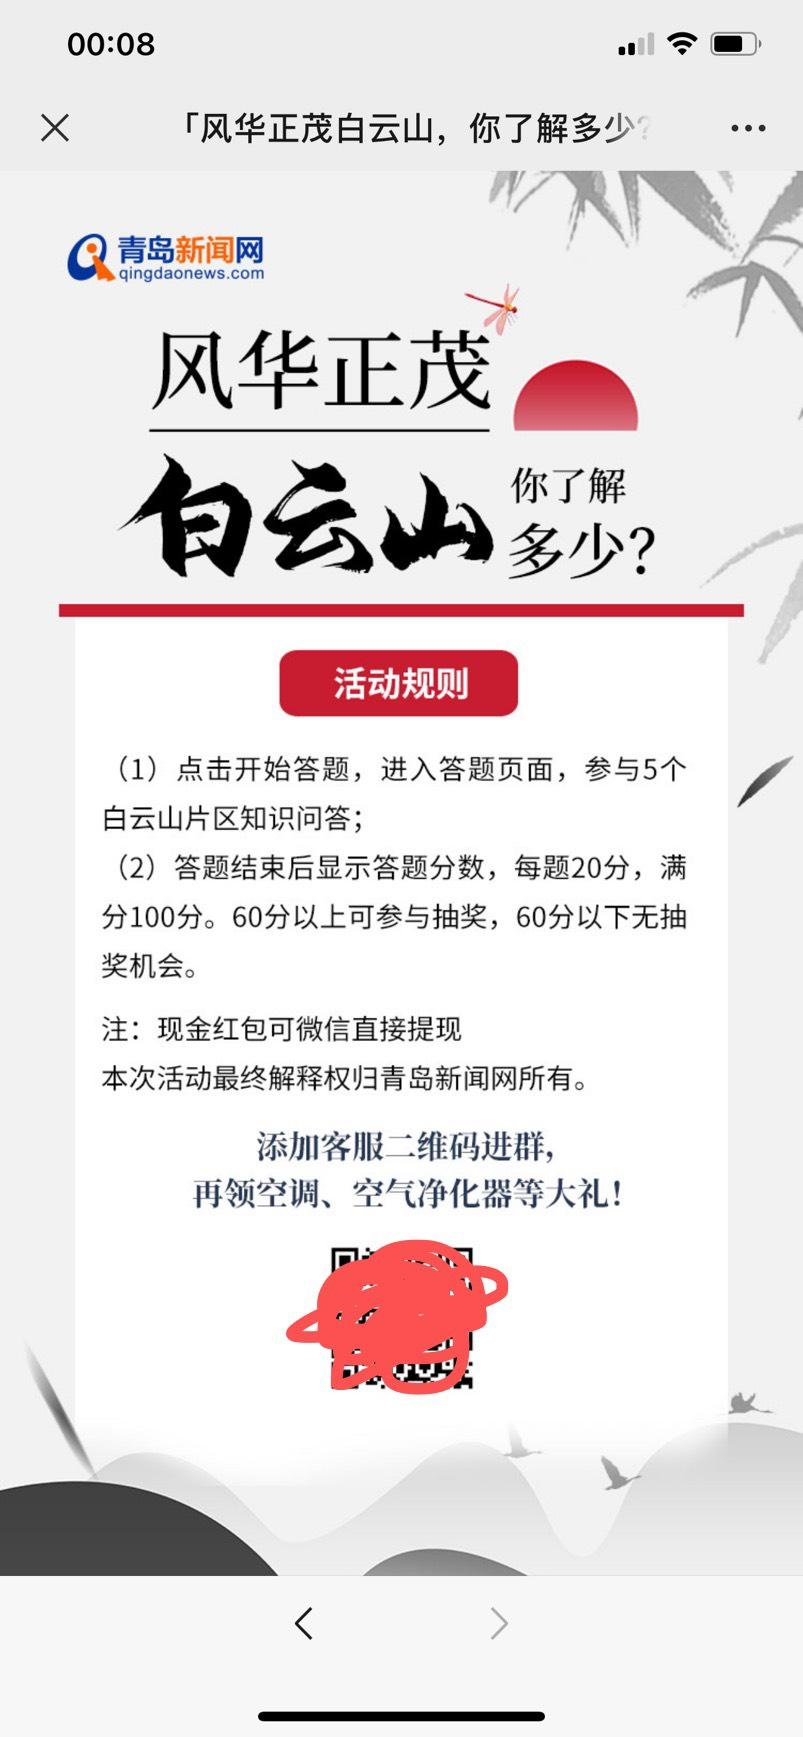 【红包】青岛新闻网解题抽红包插图